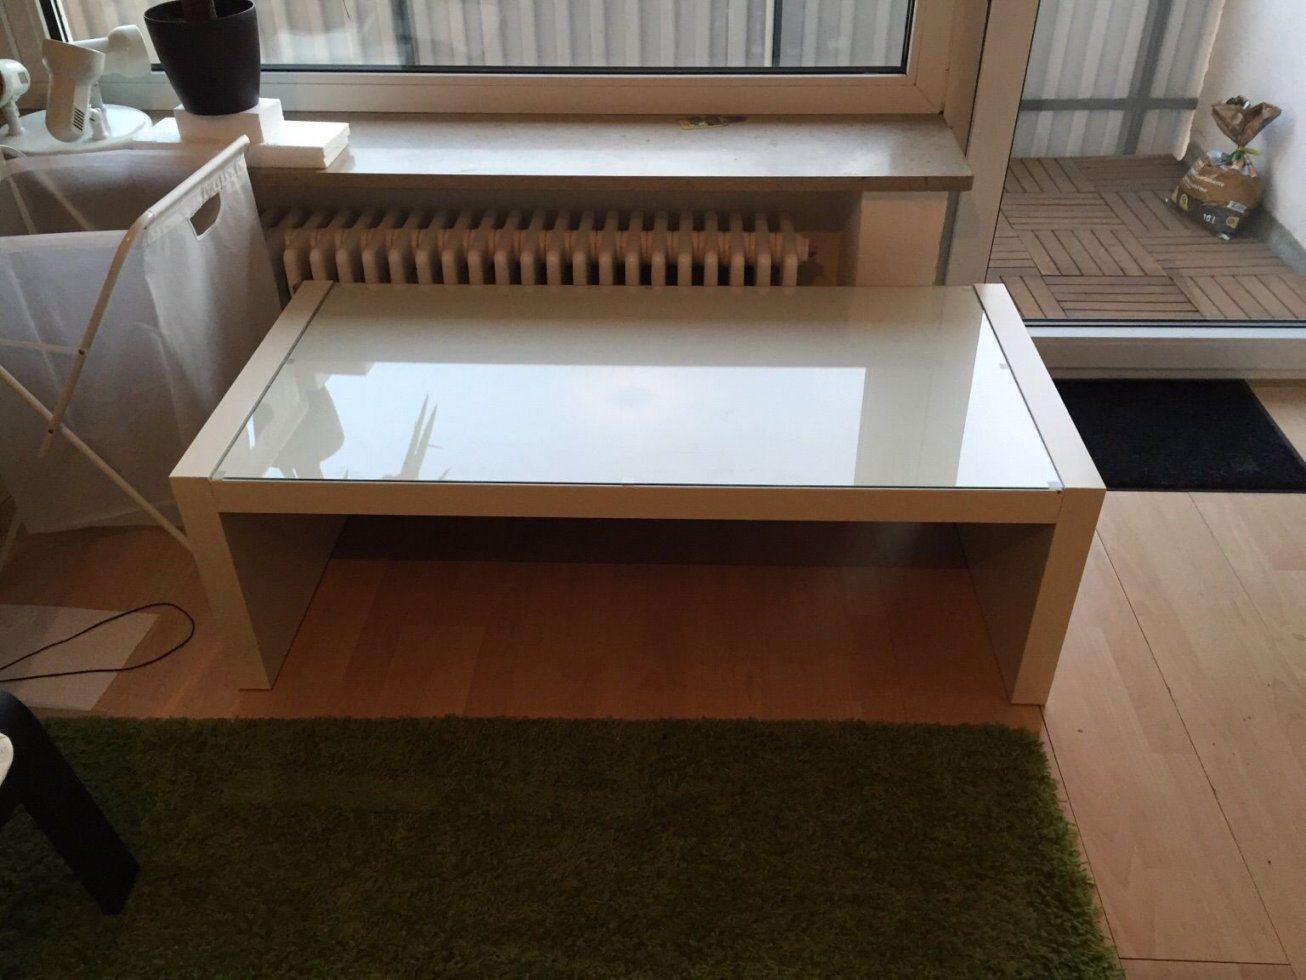 Gebraucht Ikea Expedit Couchtisch Mit Glasplatte In 81241 München Um von Ikea Wohnzimmertisch Mit Glasplatte Bild